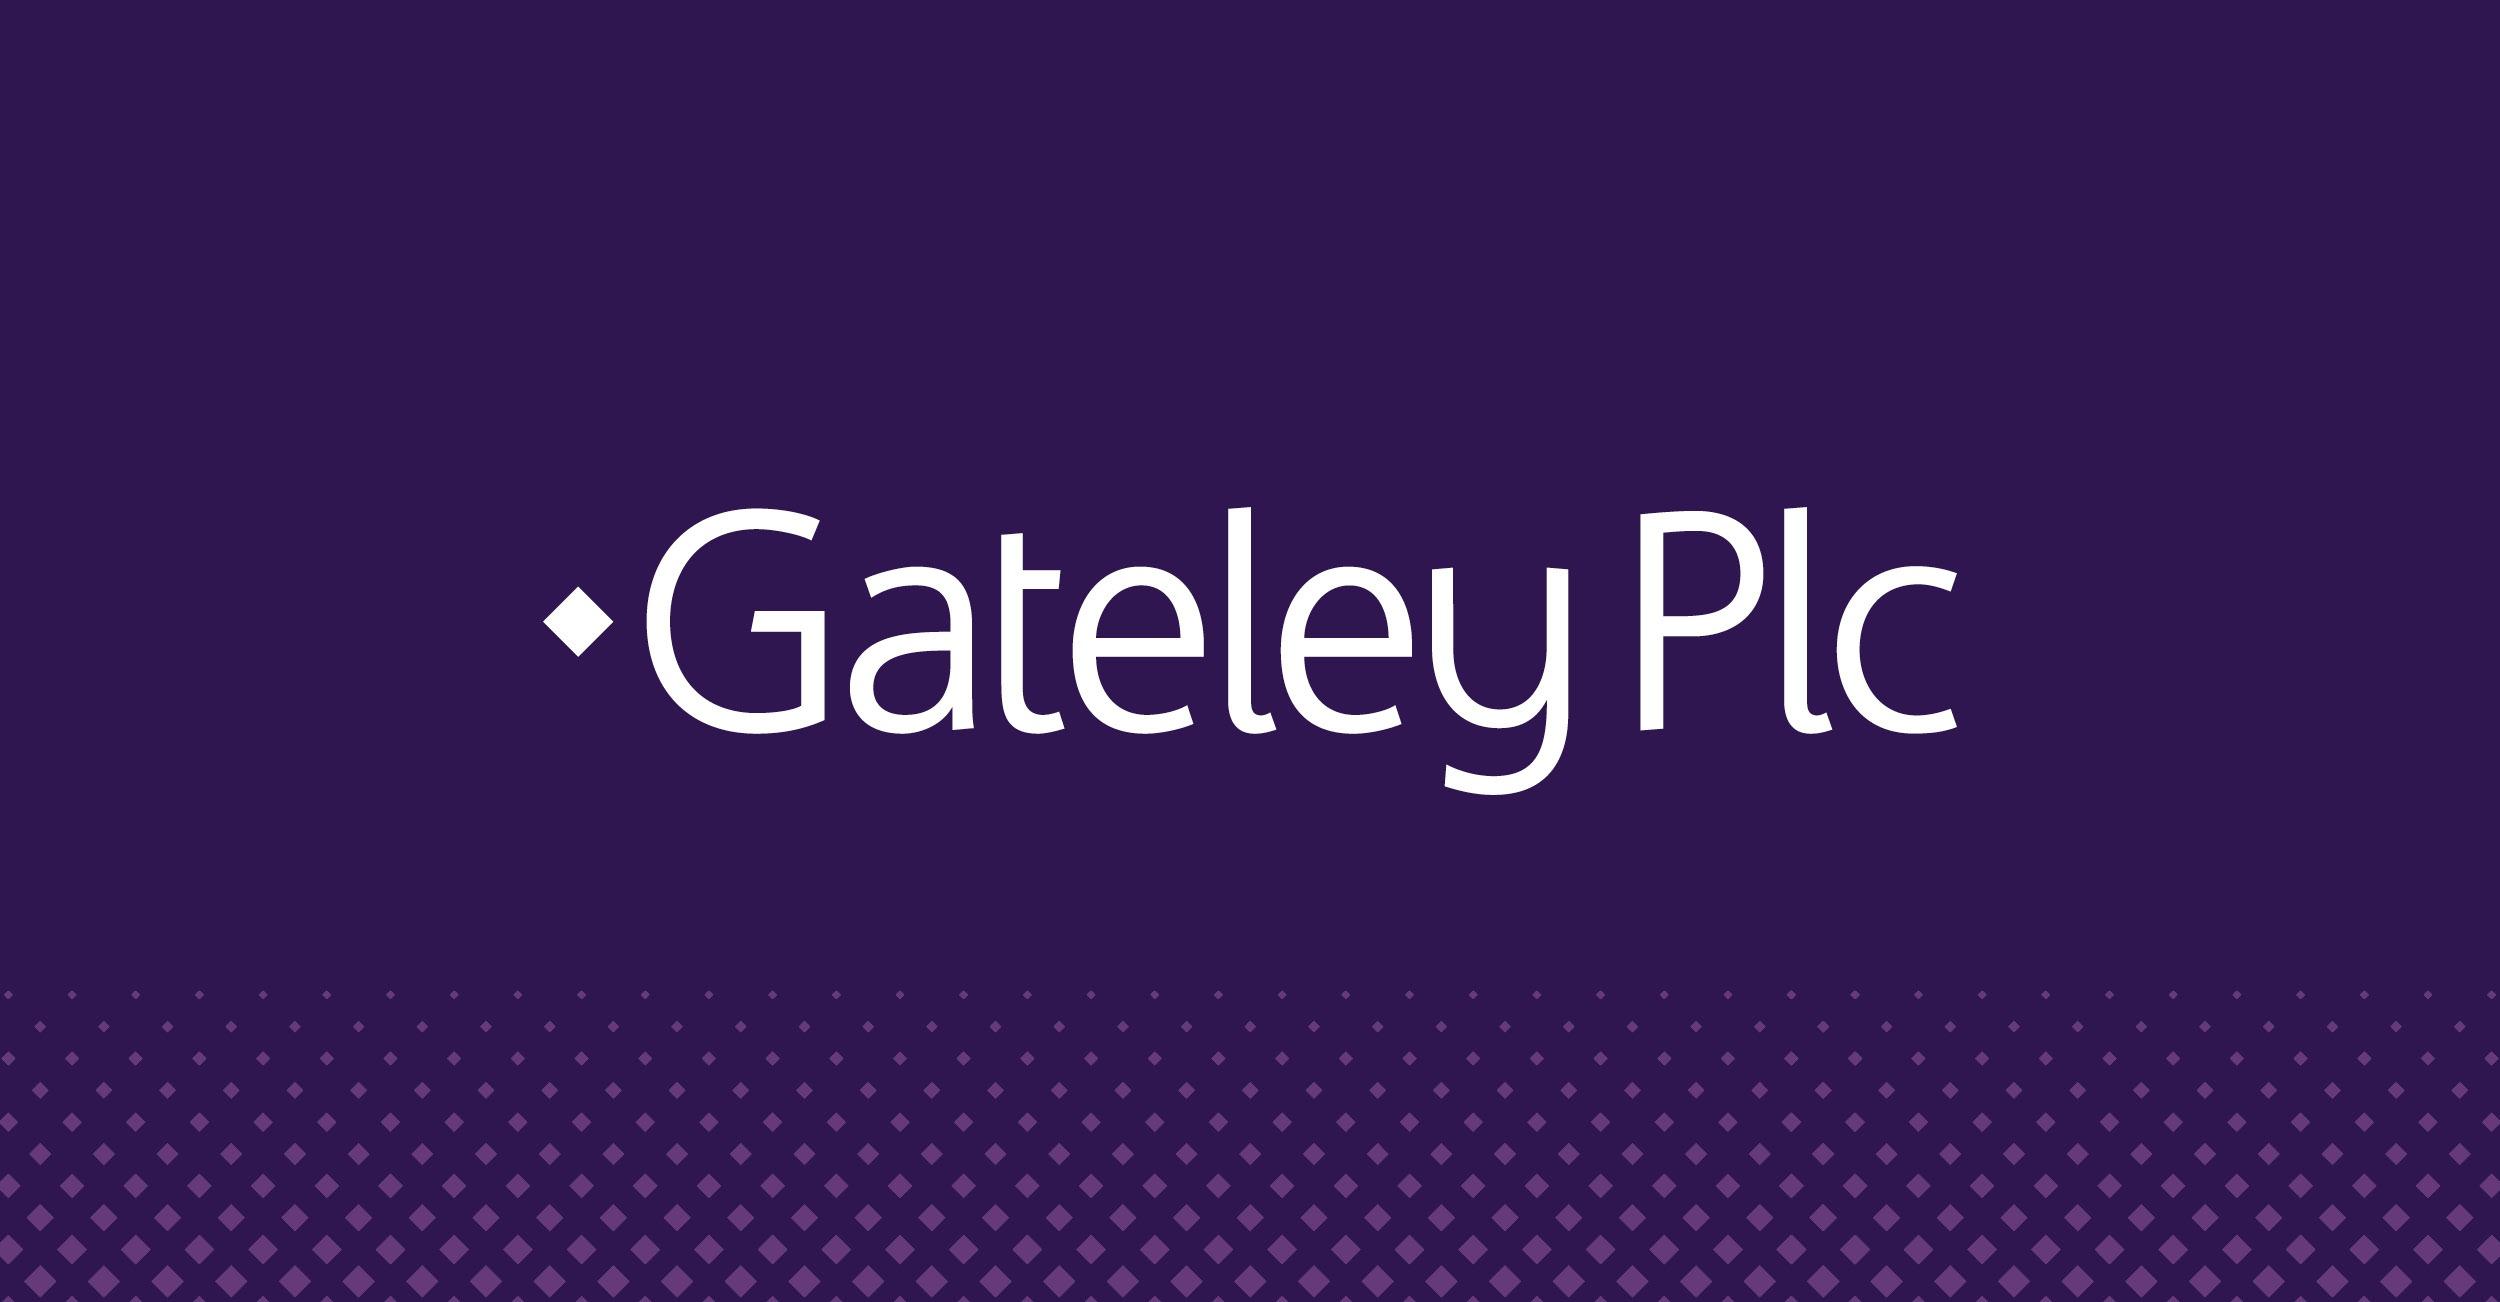 Gateley Plc - Identity